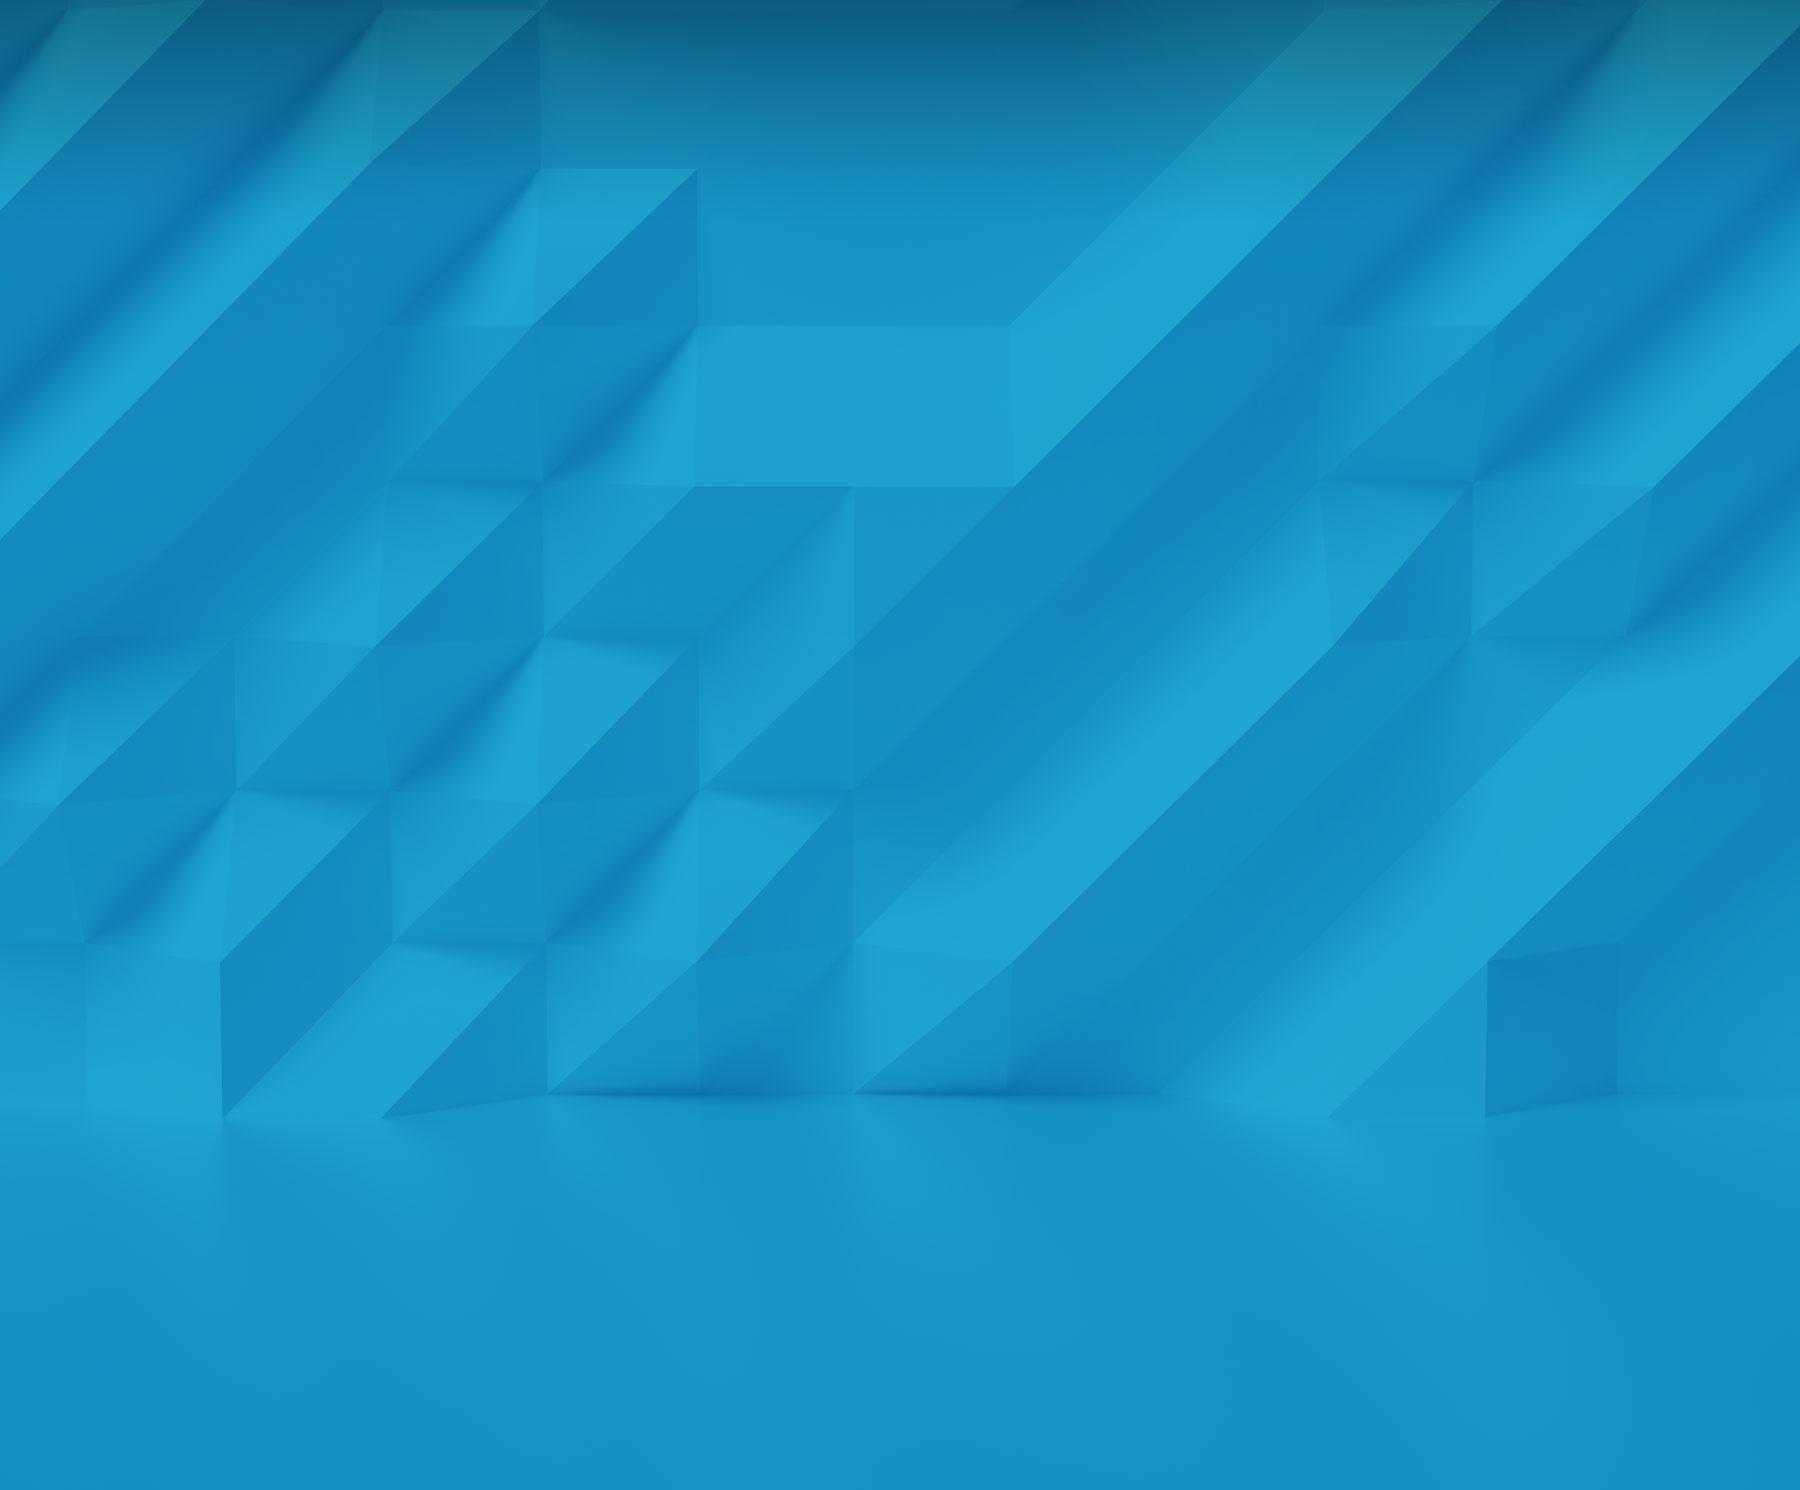 bg-download-blue